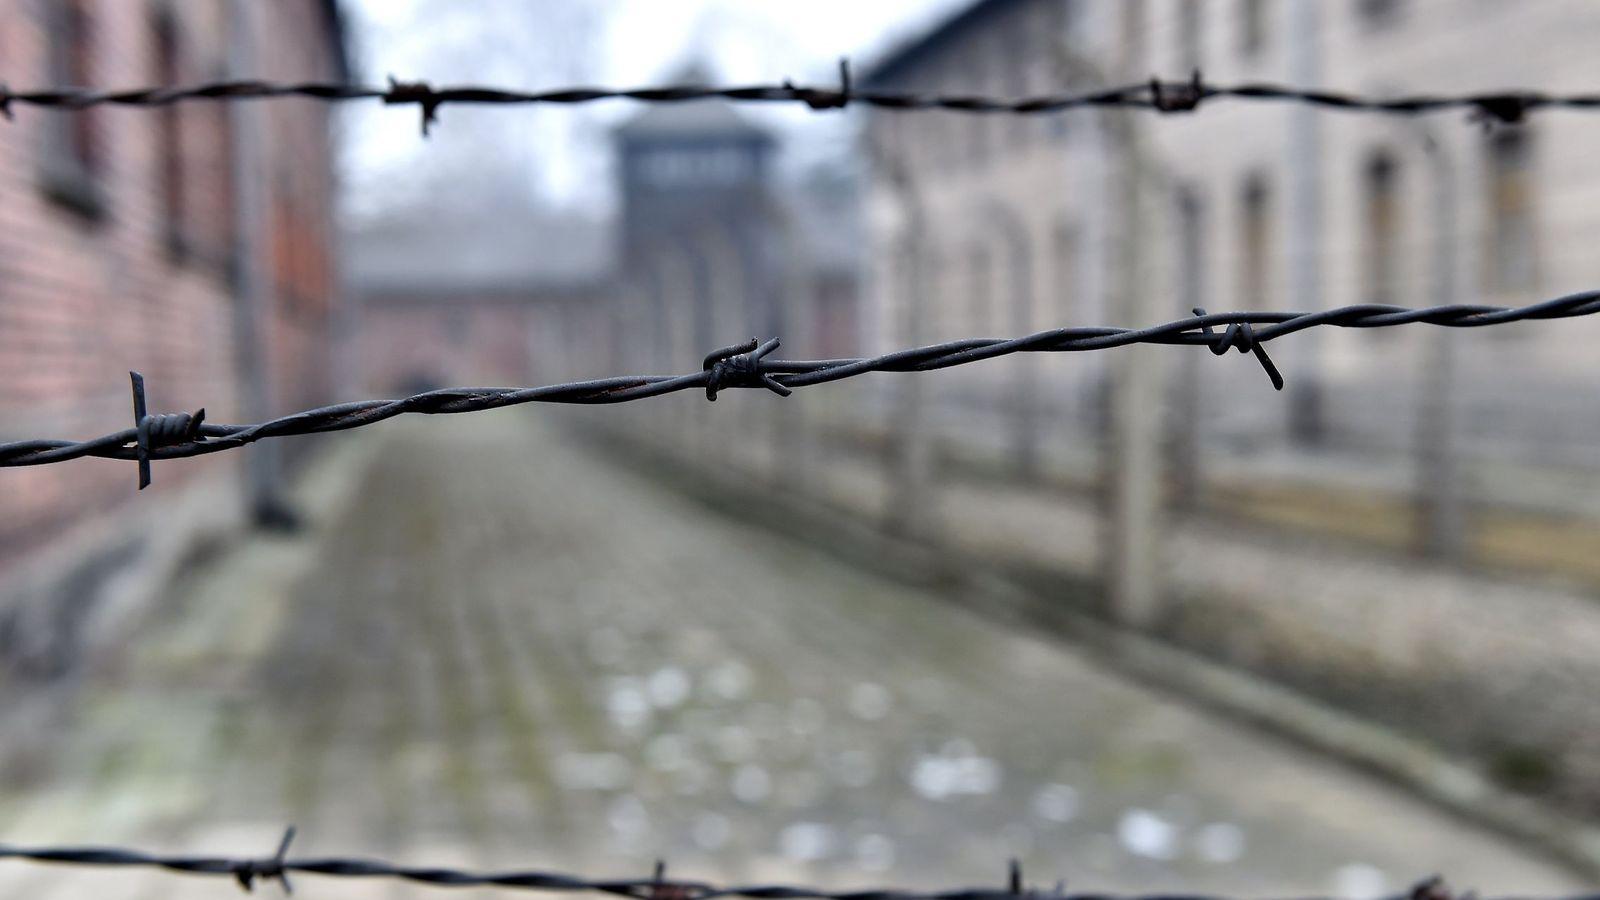 Foto: Aniversario de la liberación del campo de concentración nazi de Auschwitz-Birkenau, en Polonia | Foto: Reuters